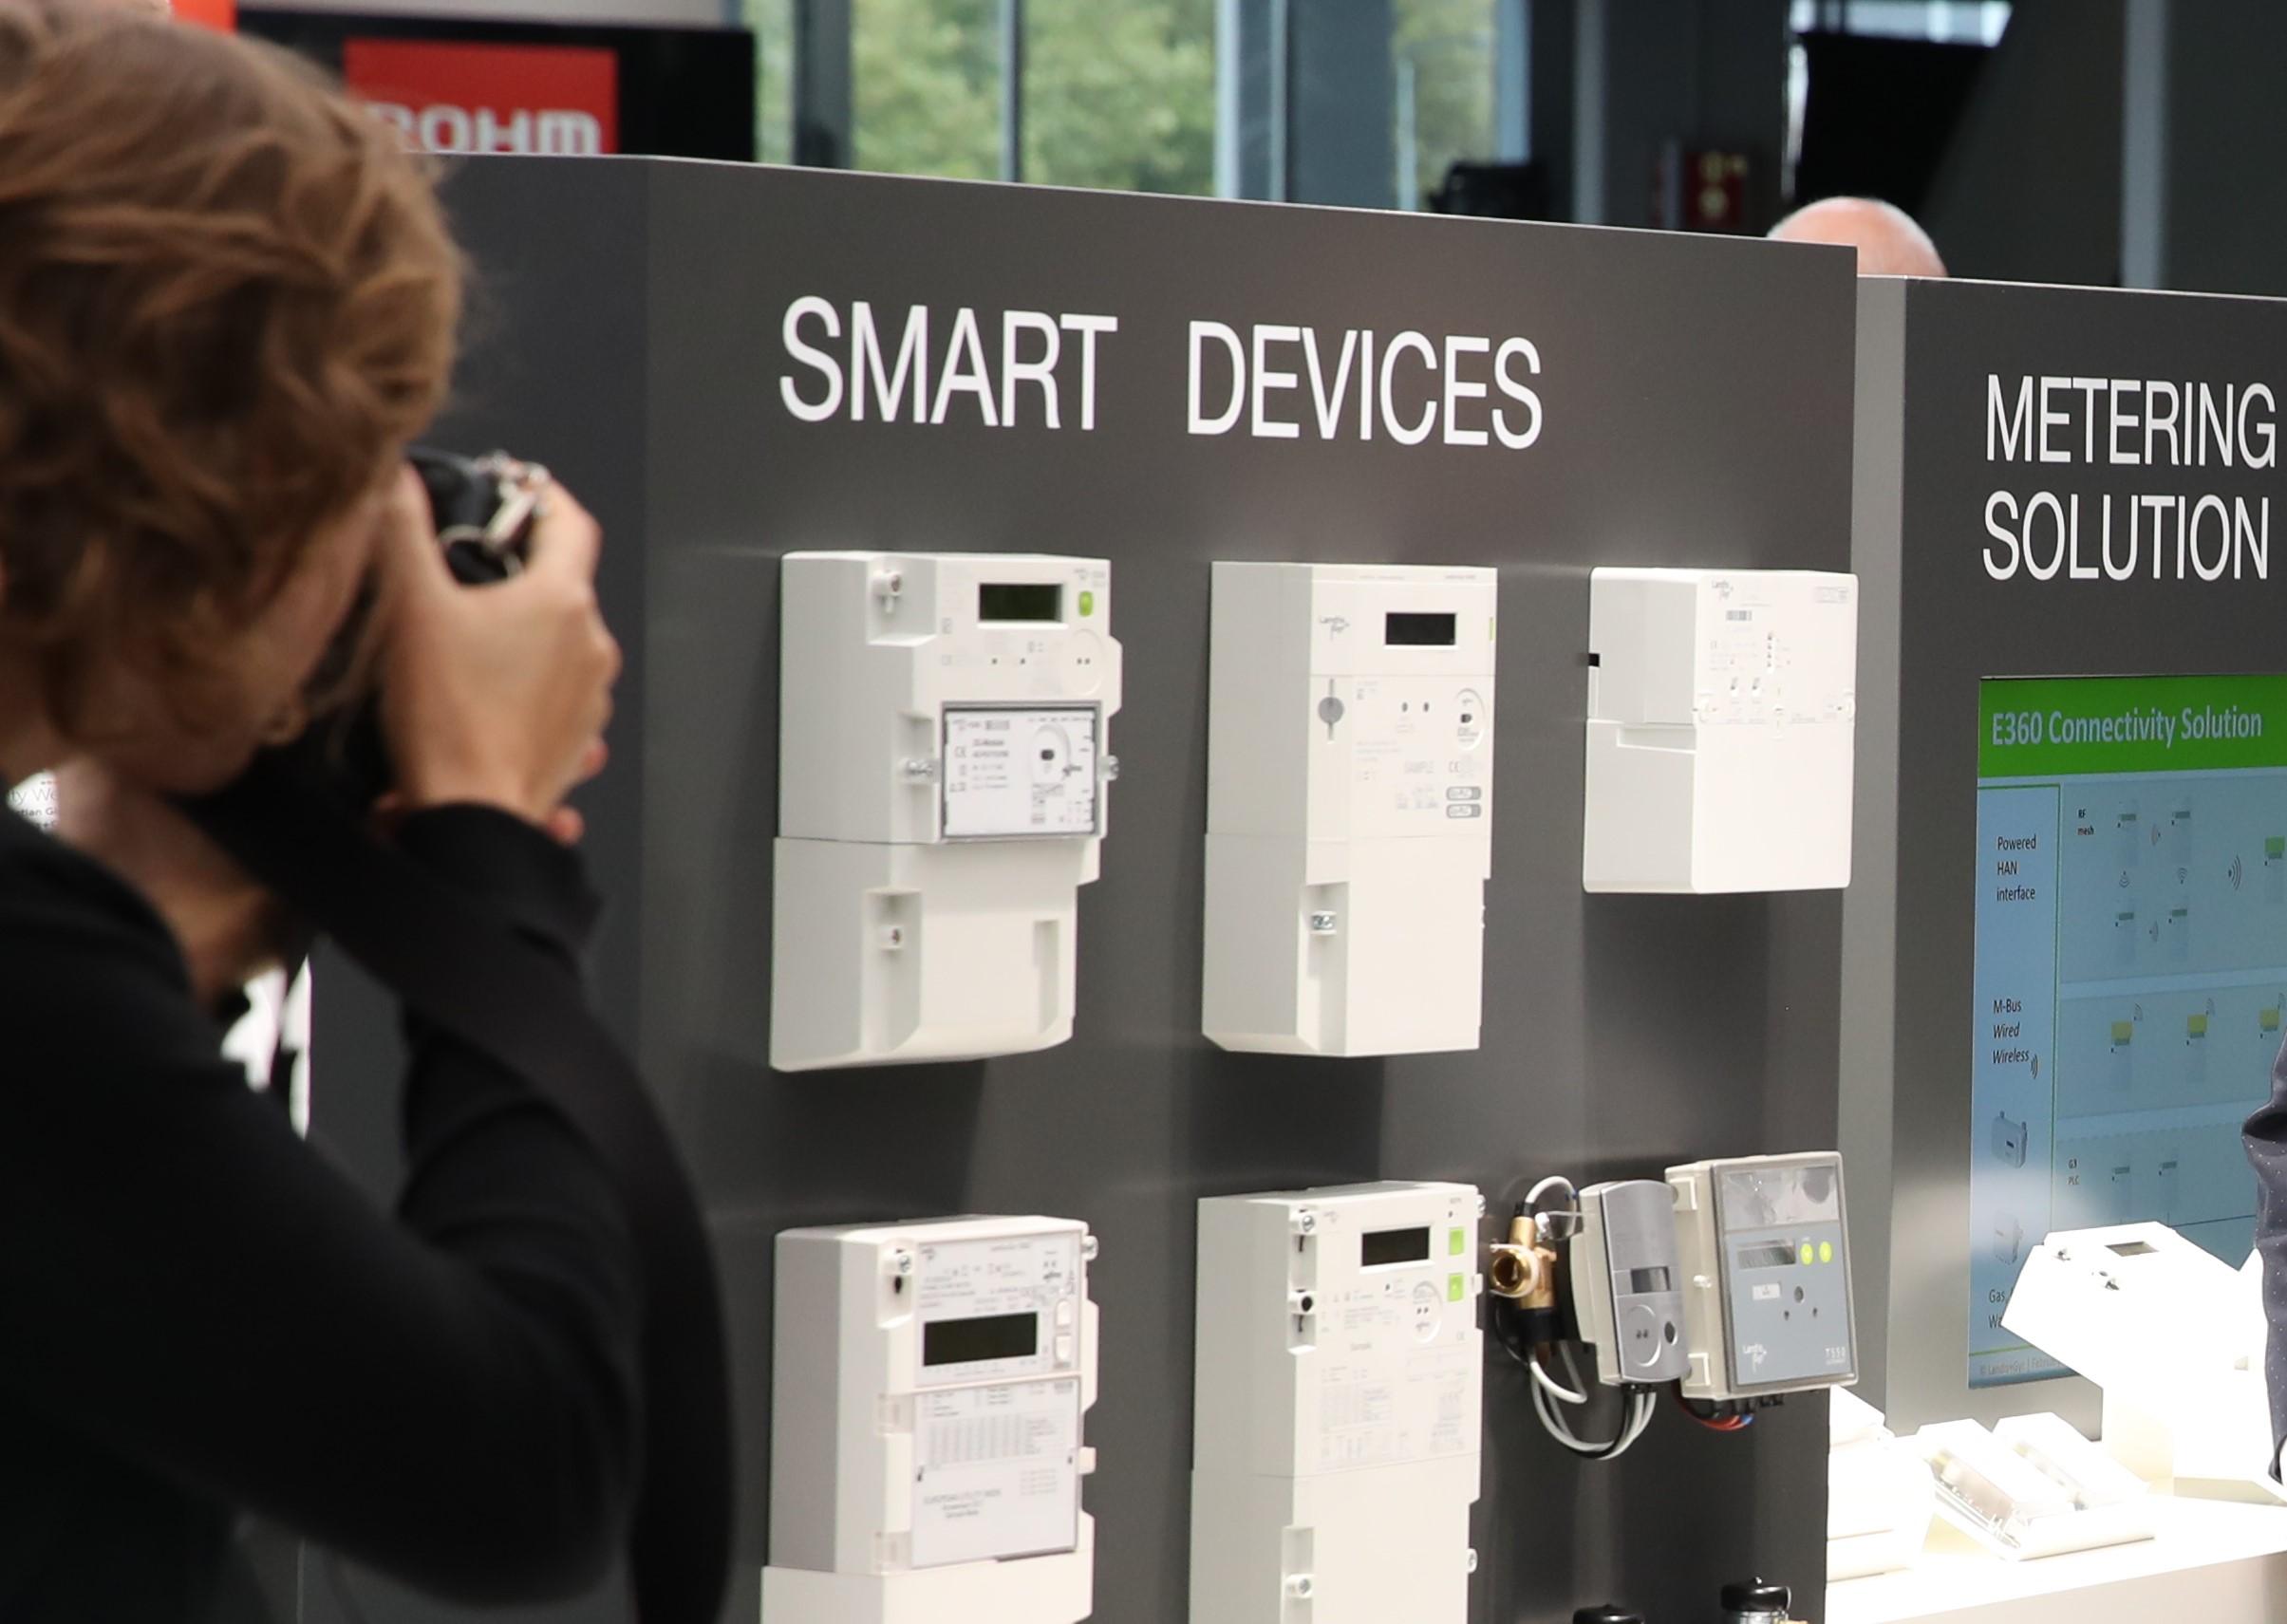 Smarte Messsysteme und Datensicherheit